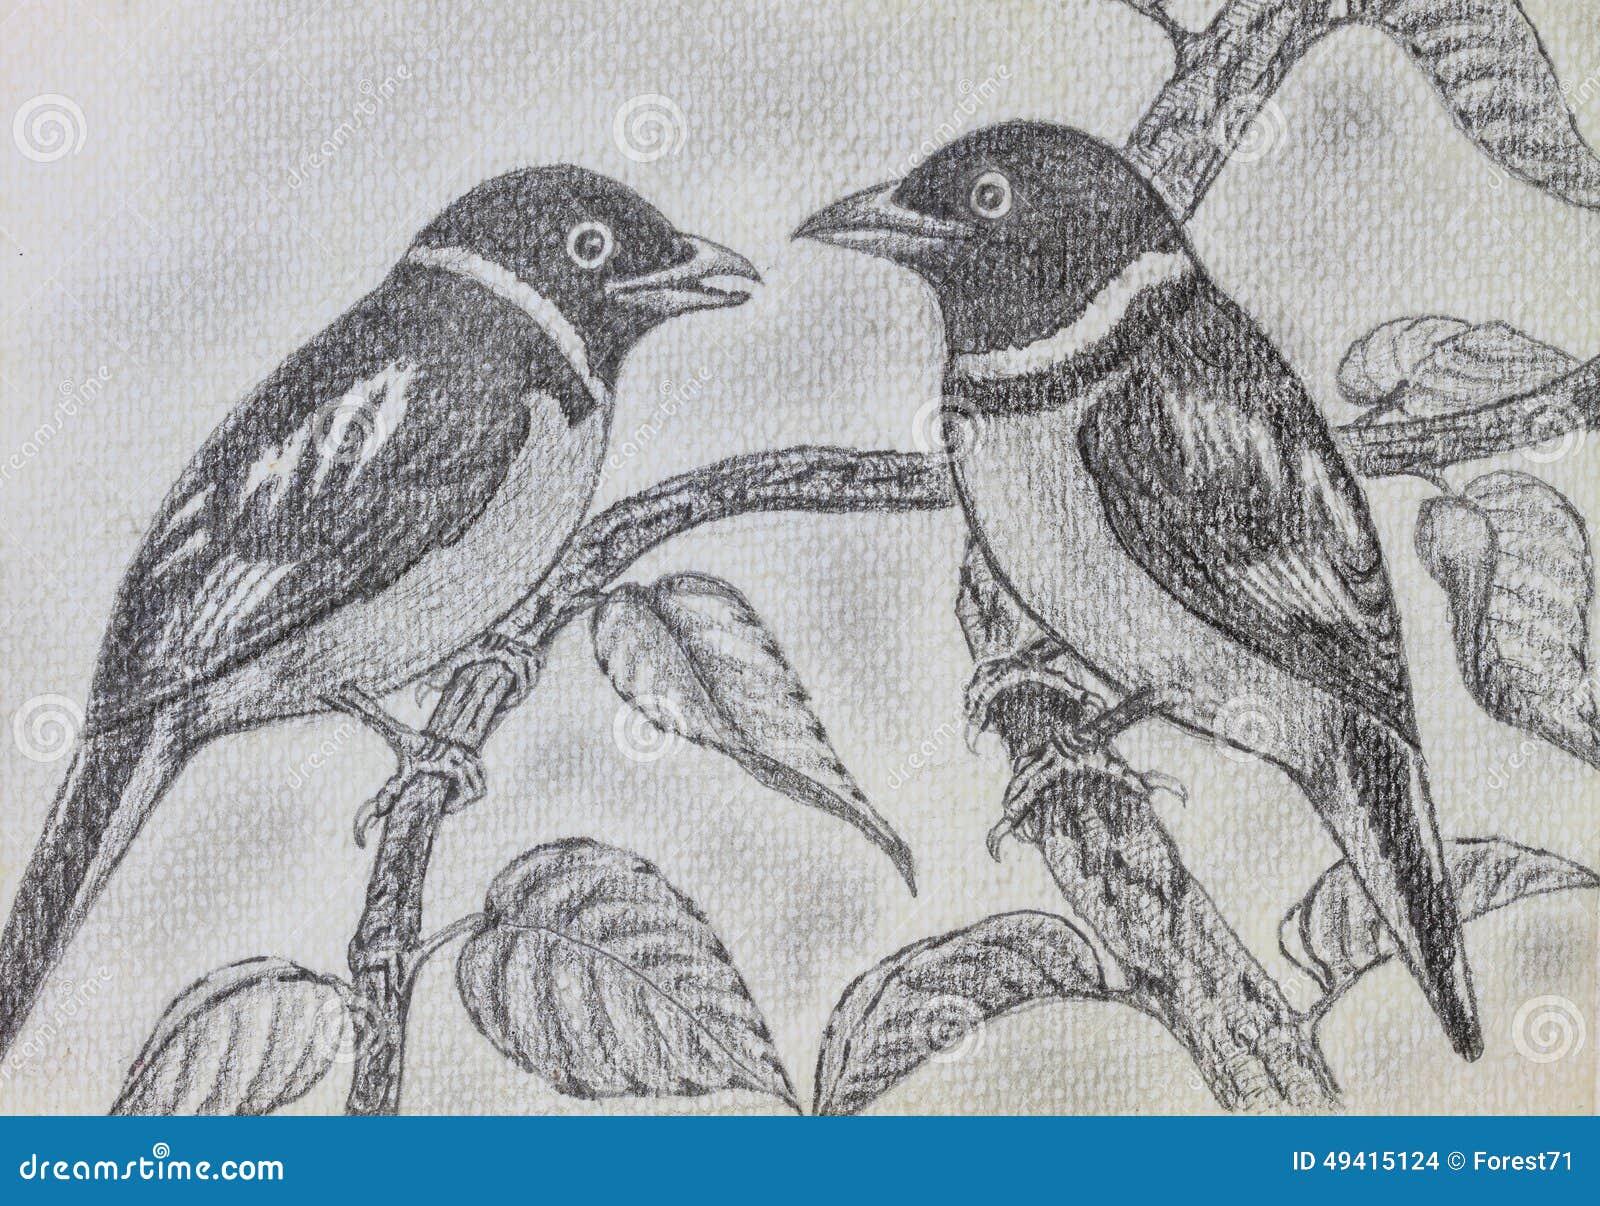 Download Vogelzeichnung stockfoto. Bild von vogel, tier, schattenbild - 49415124